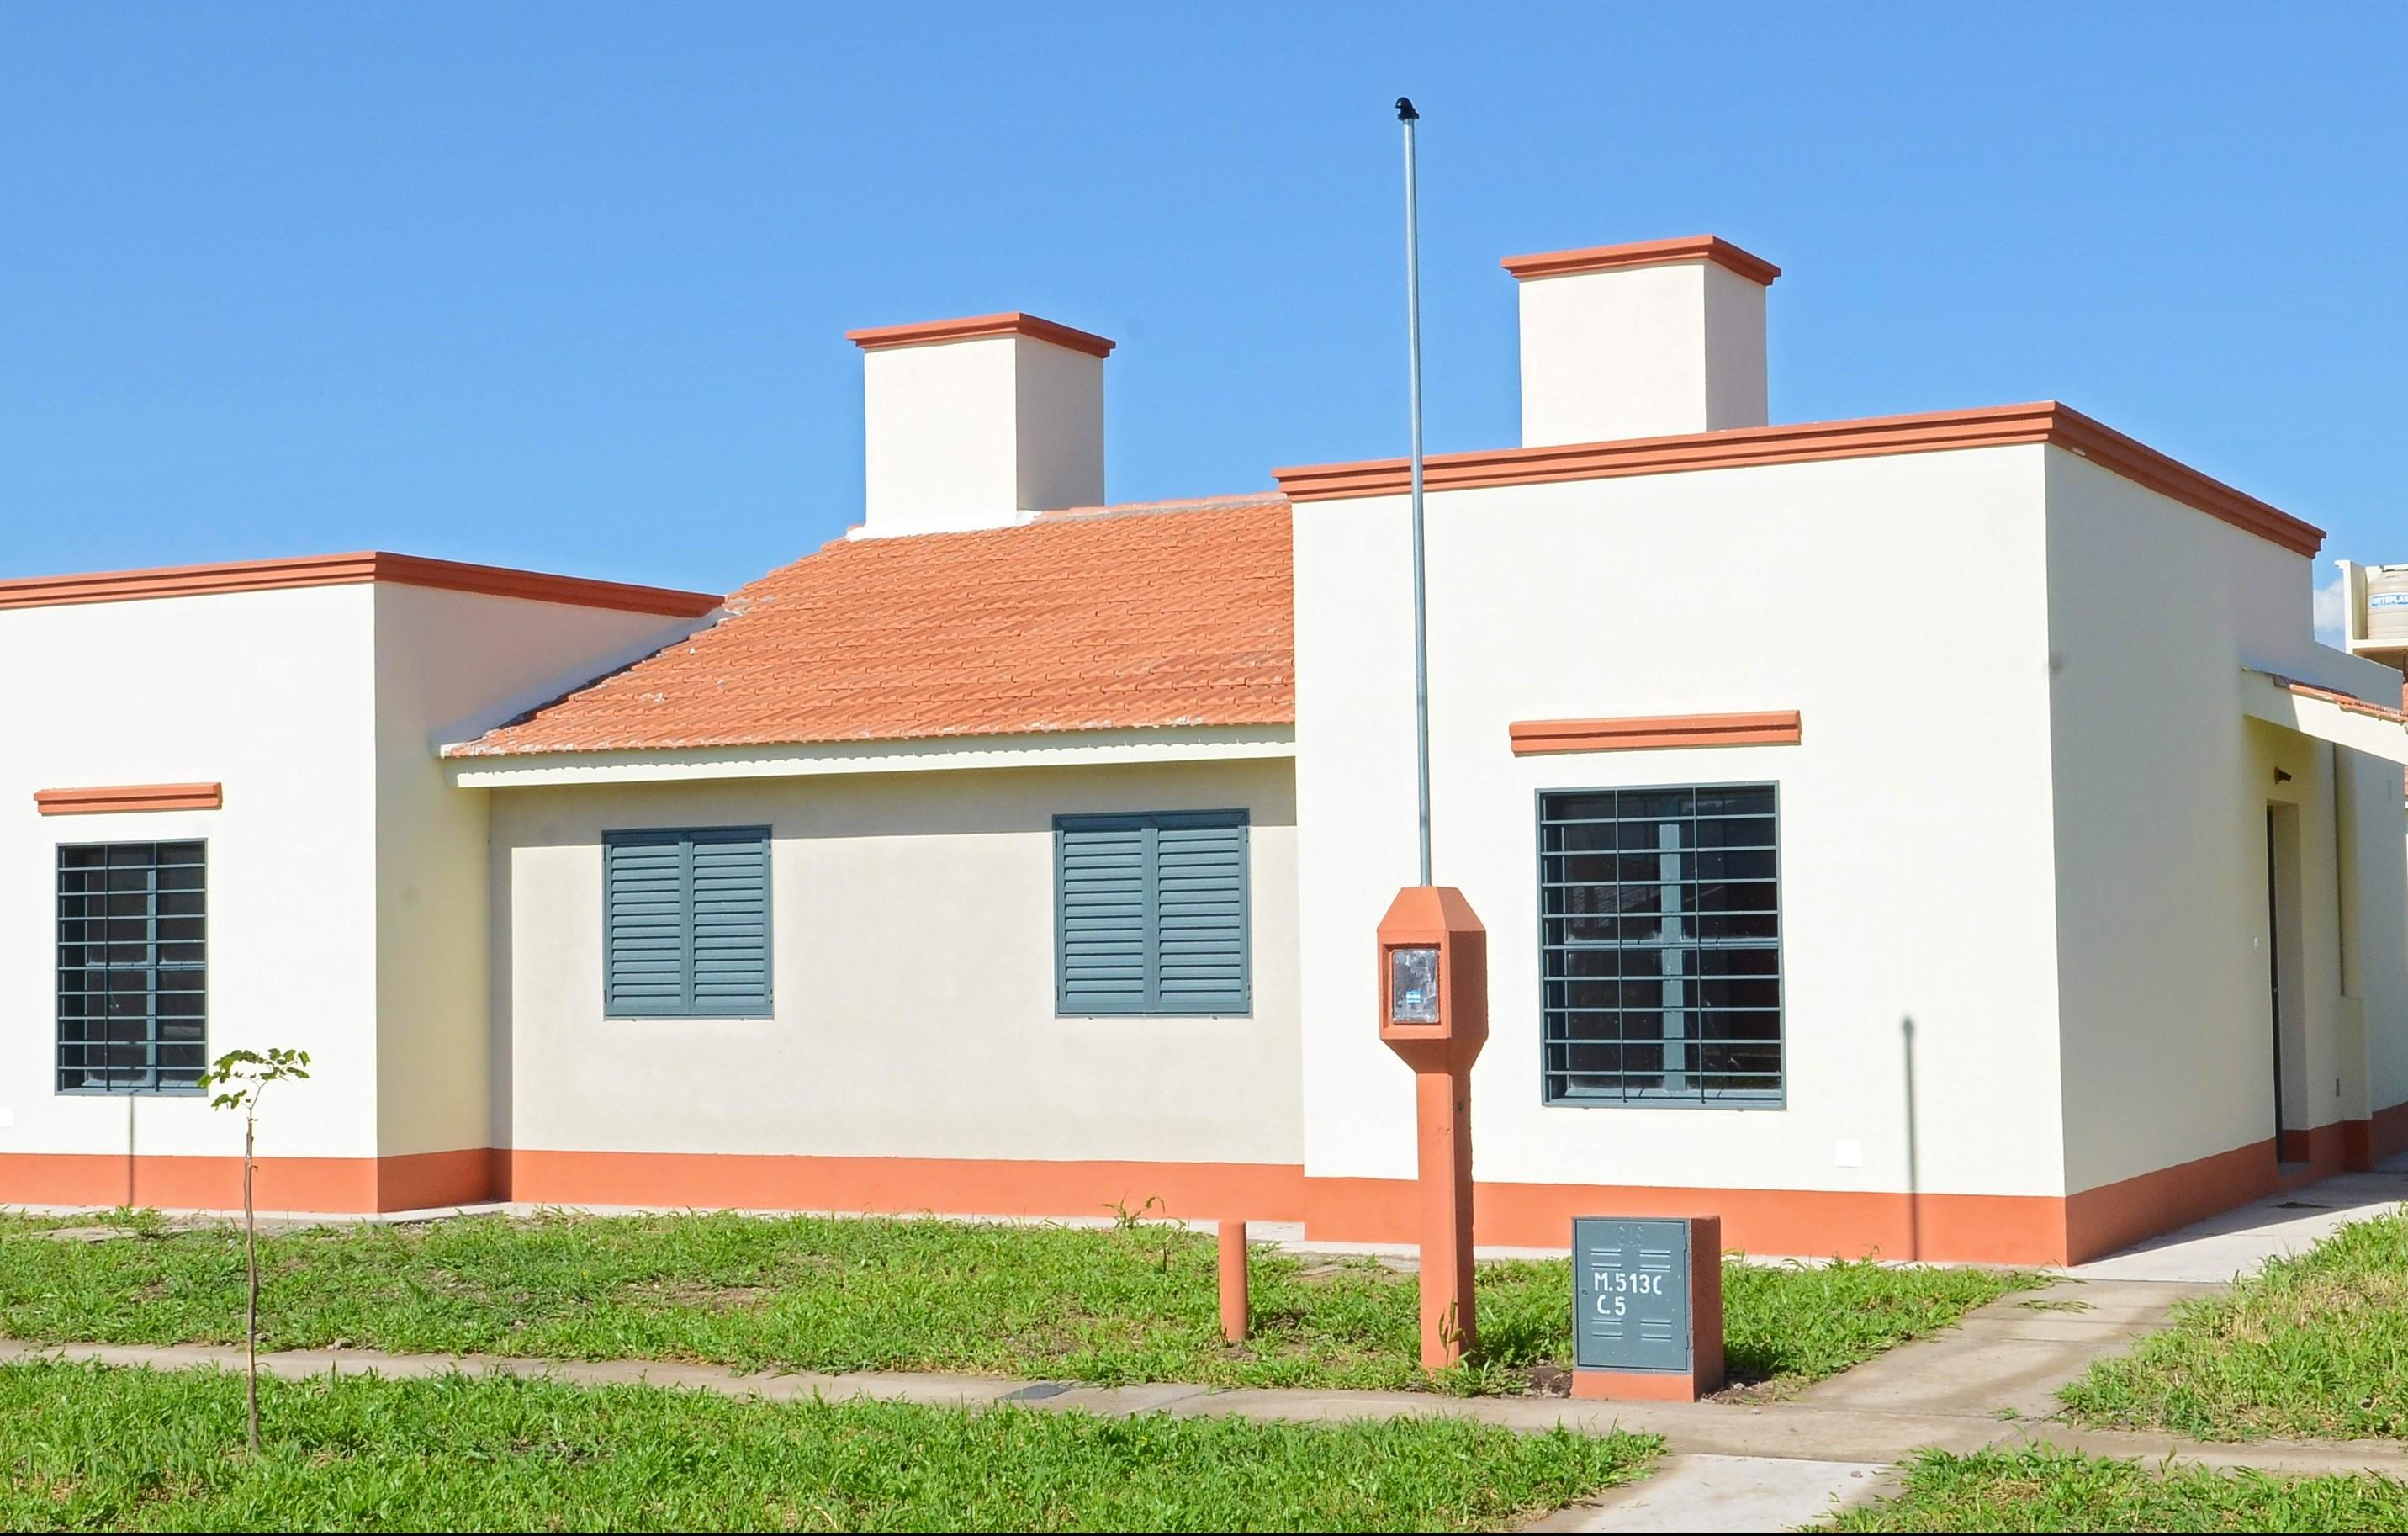 Prestamos para compra de casas en colombia prestamos - Compra de casa ...